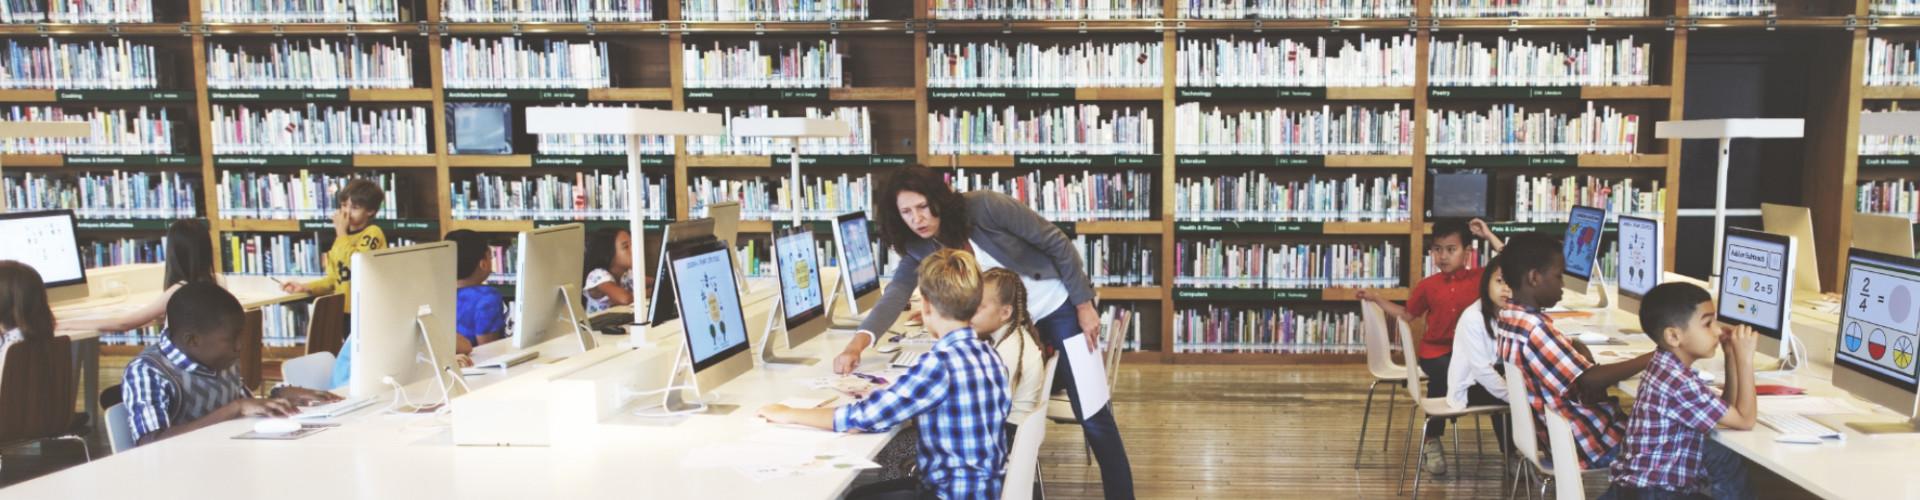 BIldung © Rawpixel.com, stock.adobe.com